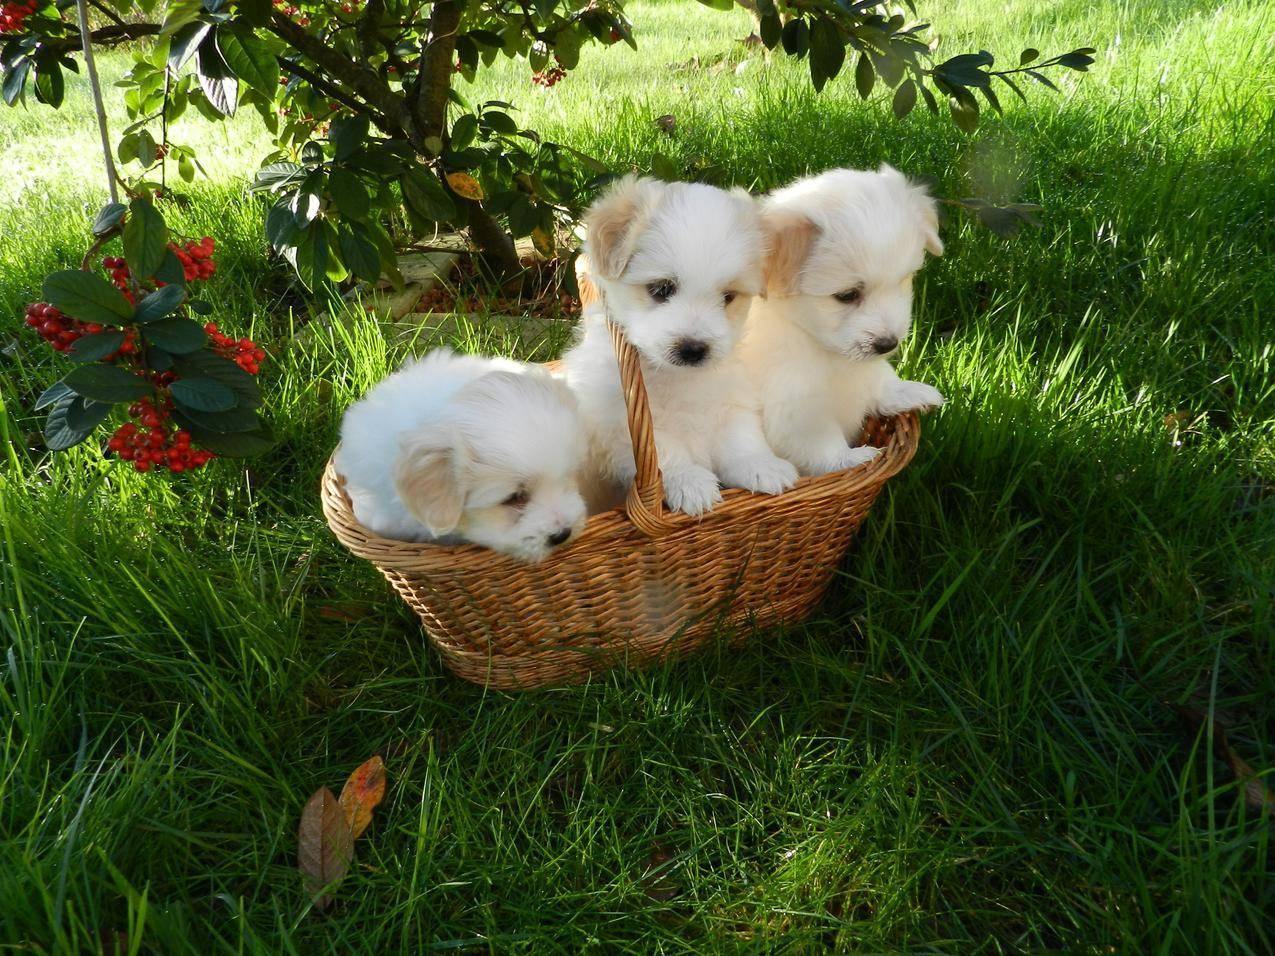 绿草地,篮子,三只可爱小狗4k壁纸